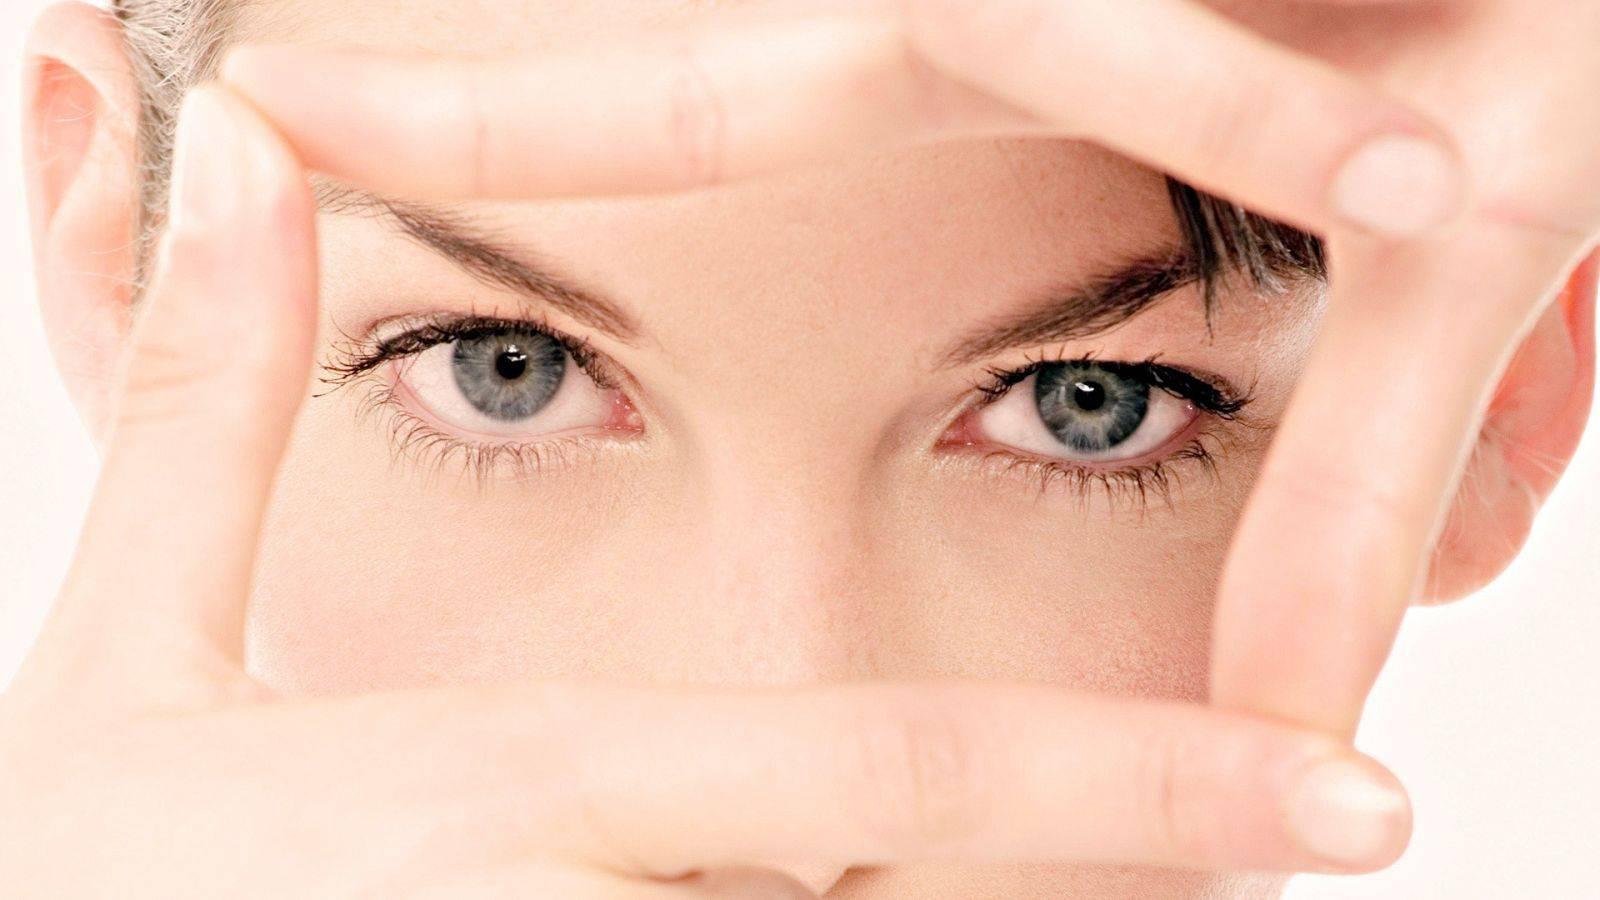 13 скрытых признаков того, что вы не так здоровы, как вам кажется